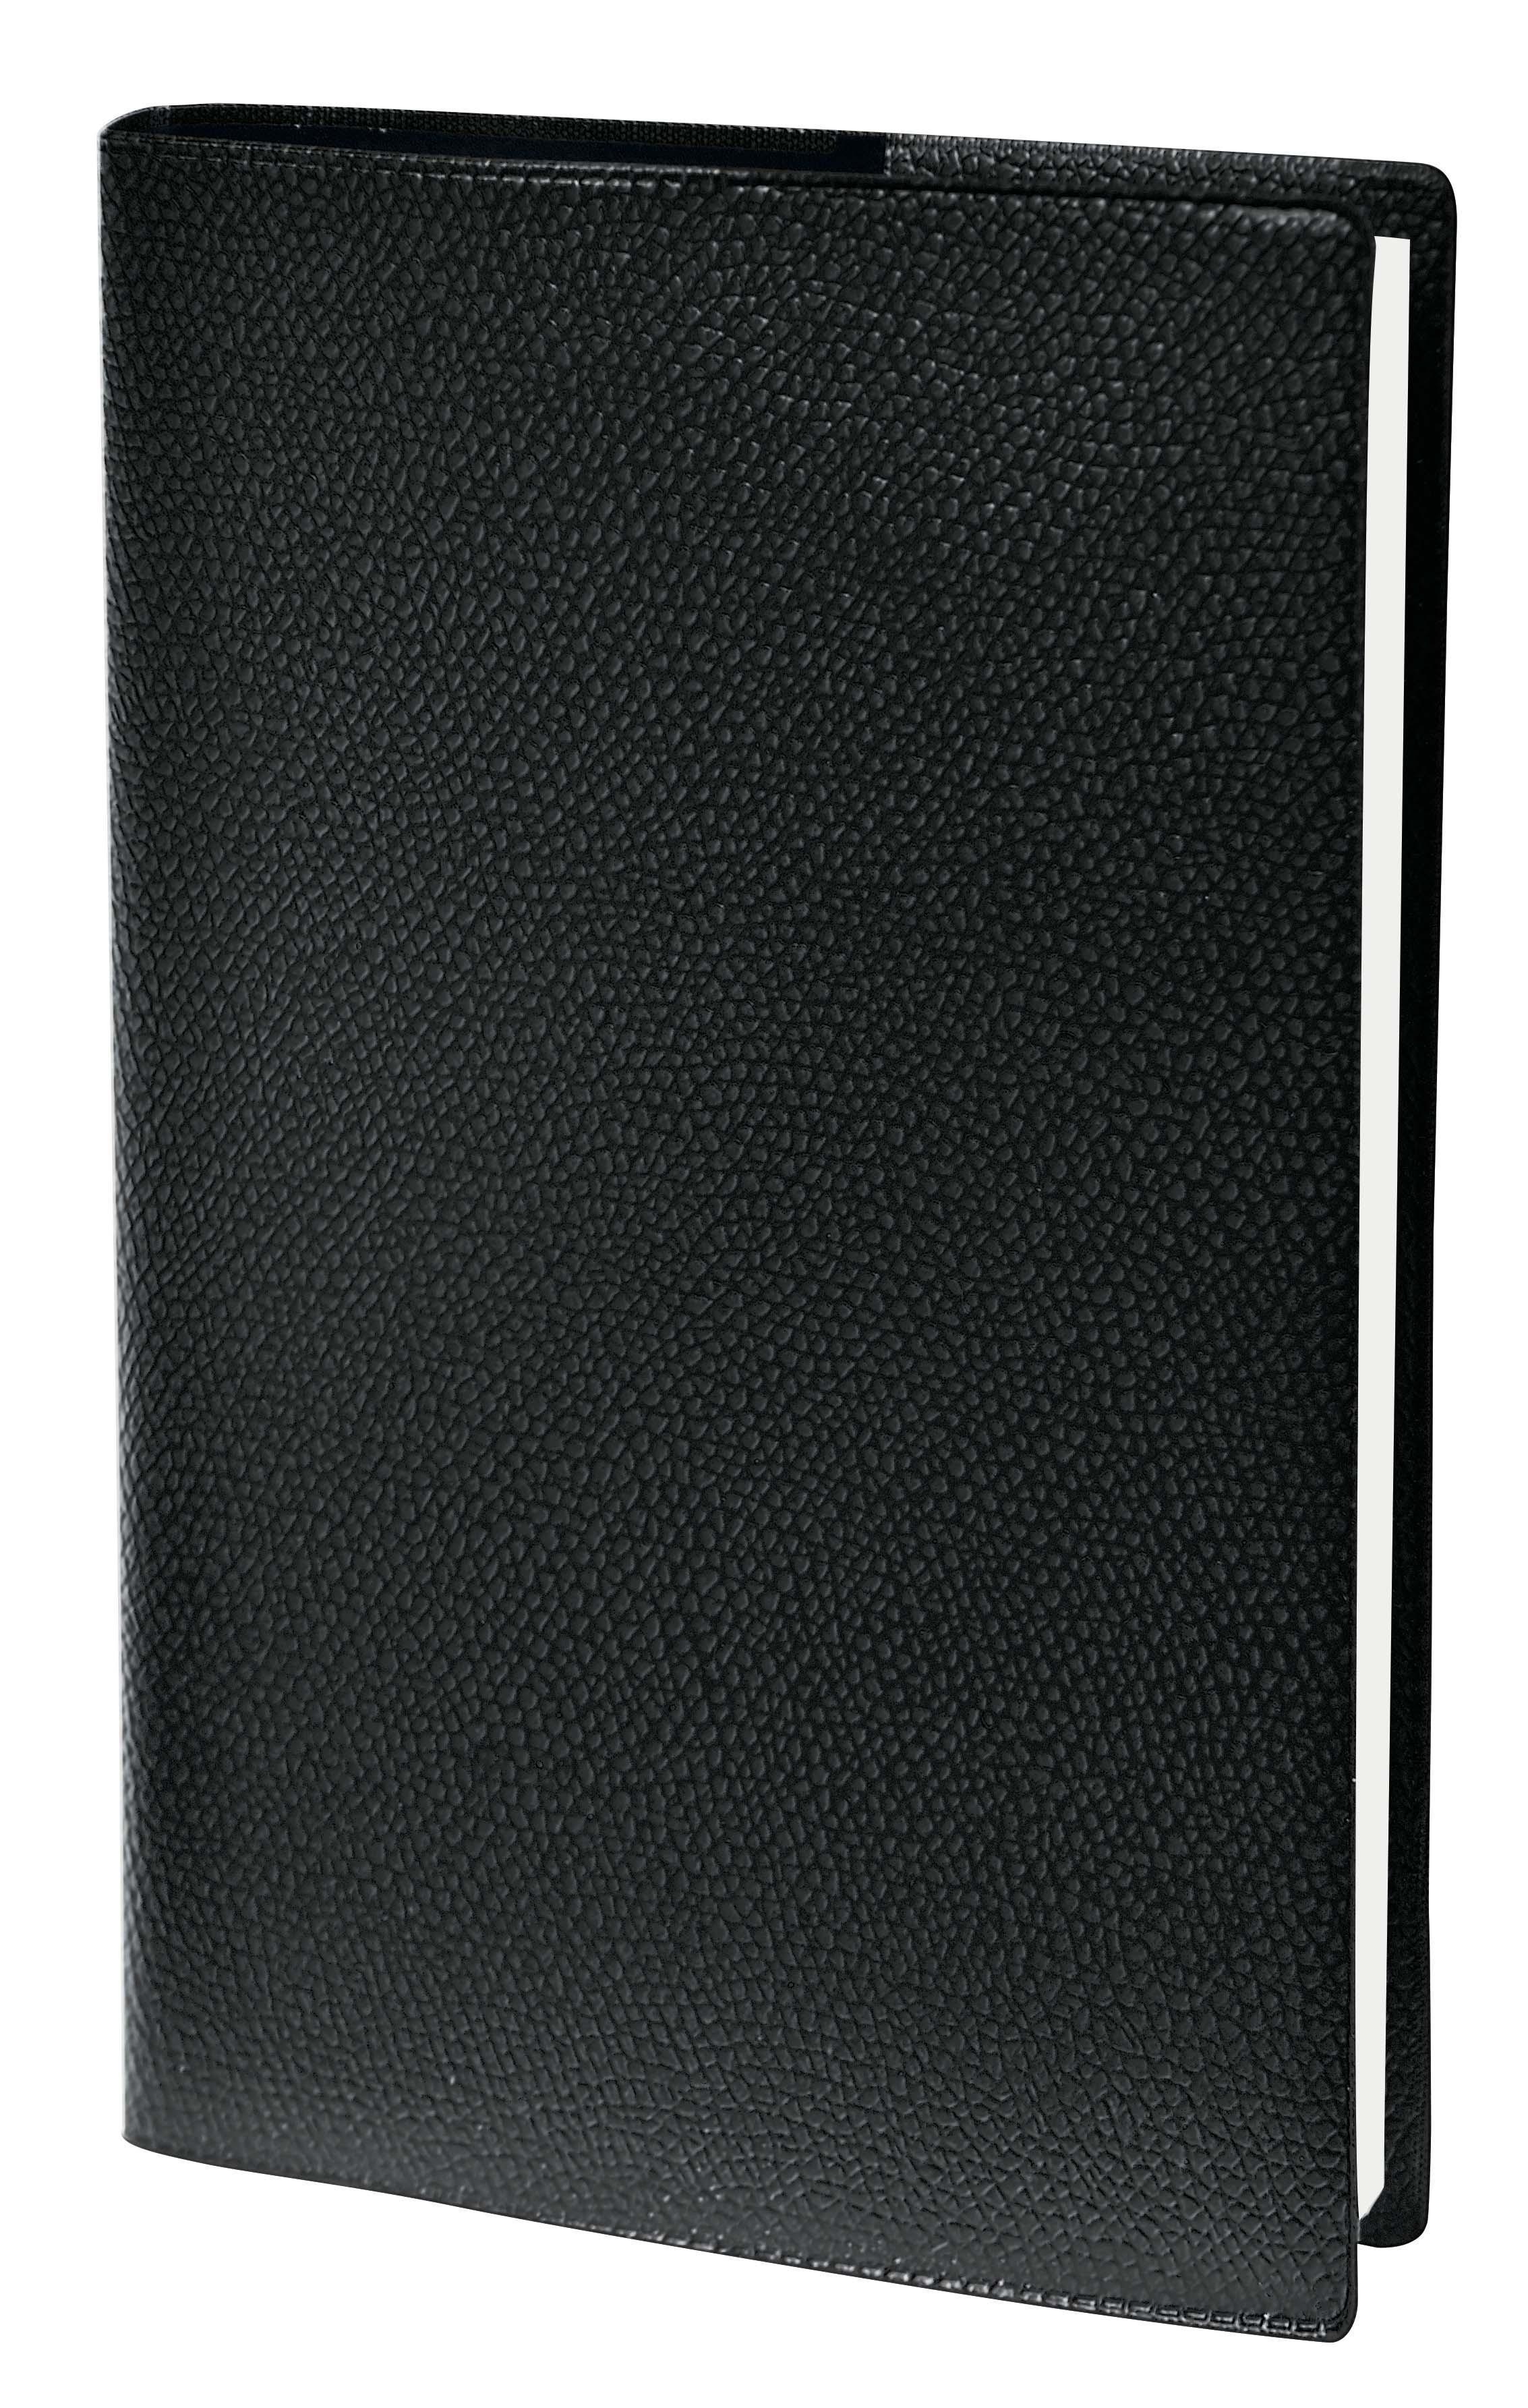 Agenda Impala Universitaire avec répertoire - 1 semaine sur 2 pages - 10 x 15 cm - noir - Quo Vadis